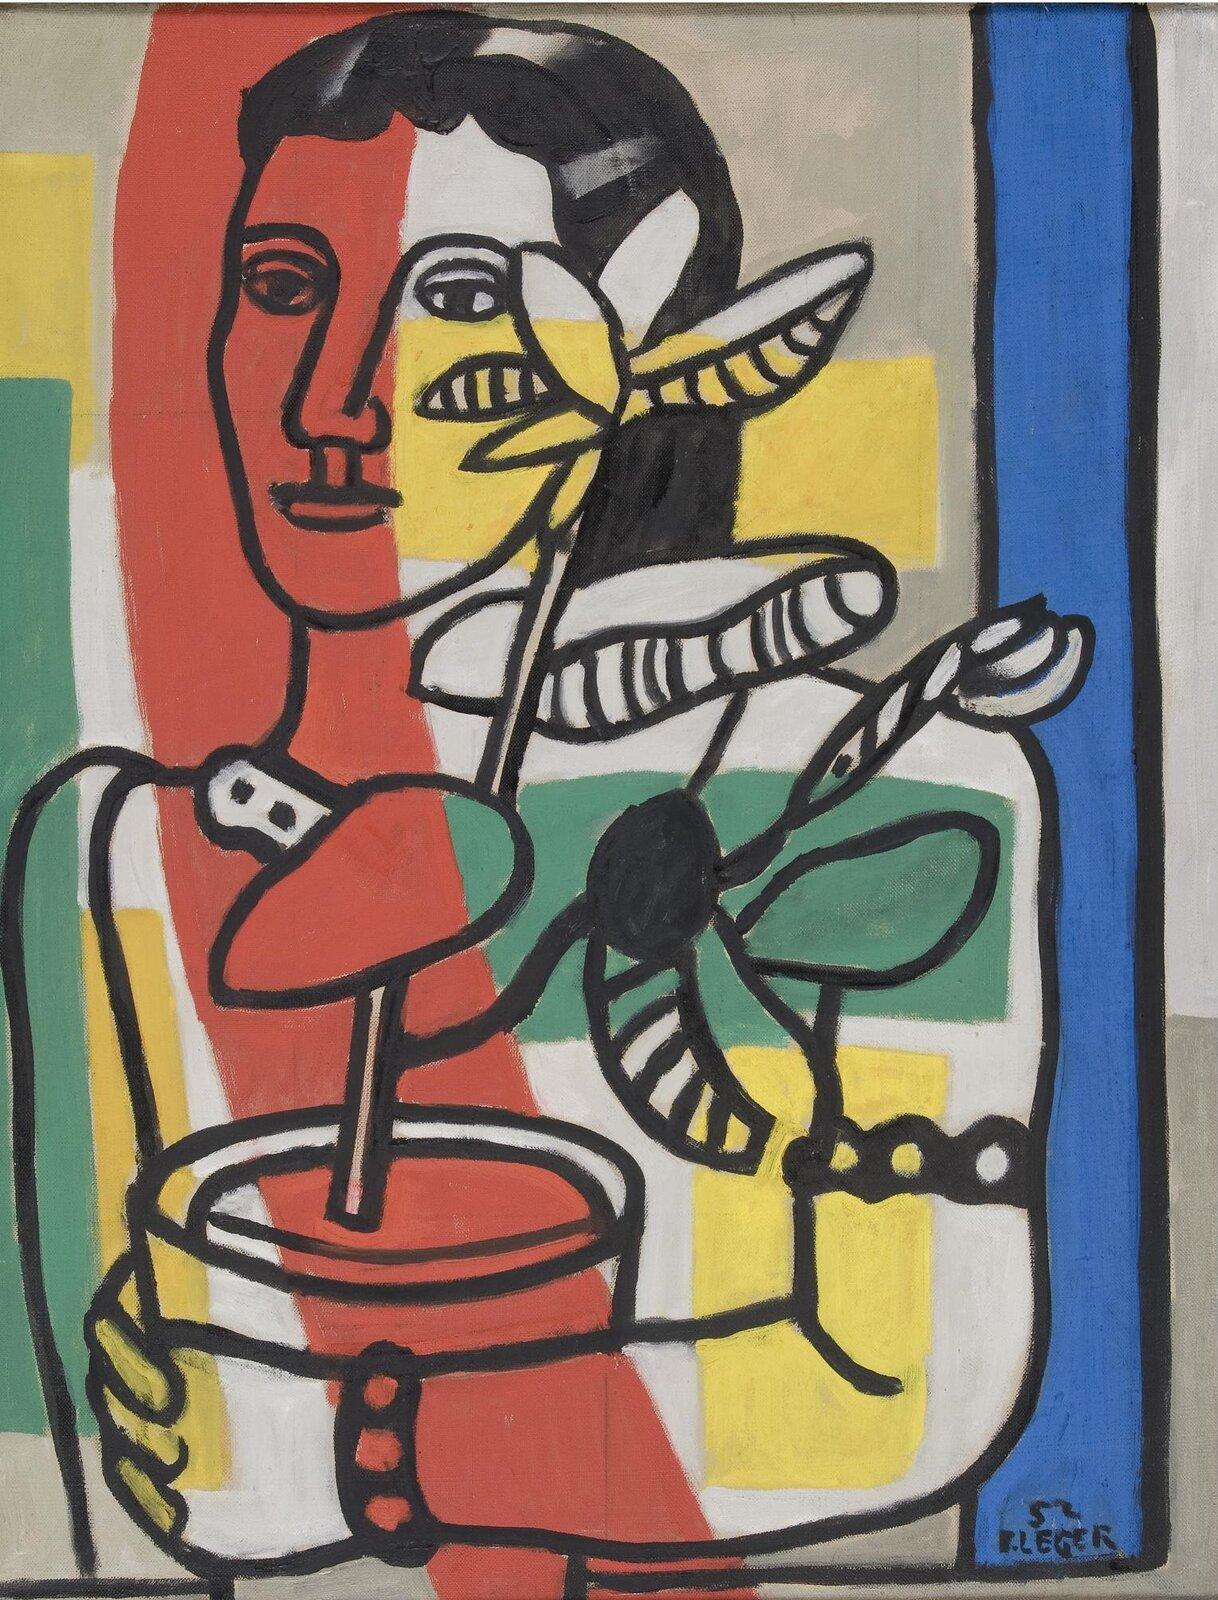 """Ilustracja przedstawia obraz Josepha Fernanda Henriego Légera """"Kobieta zkwiatem"""". Ukazuje namalowaną czarnym konturem kobietę trzymającą zrękach donicę zkwiatem. Przez postać ikwiat przebijają kolory tła, namalowane czystymi kolorami pionowych ipoziomych pasów: czerwonego, zielonych, niebieskiego iżółtych."""